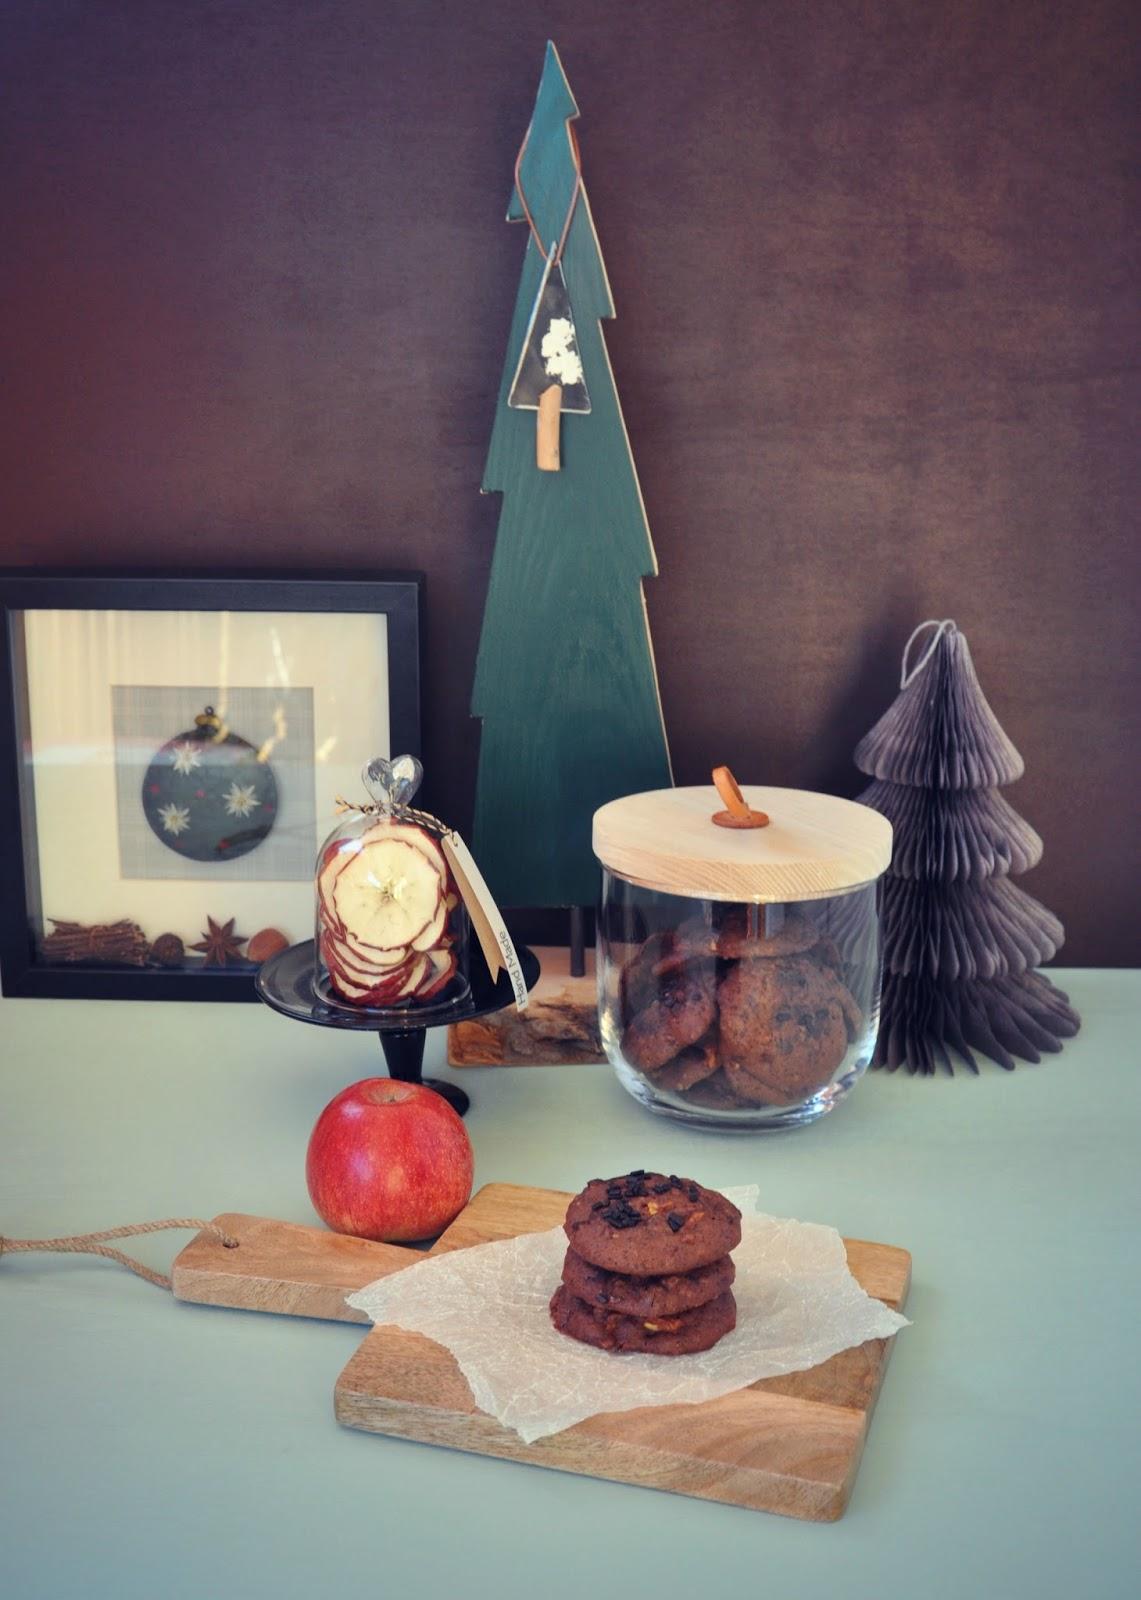 lemapi s dtiroler lifestyleblog in der weihnachtsb ckerei apfel kakao kekse mit haferflocken. Black Bedroom Furniture Sets. Home Design Ideas